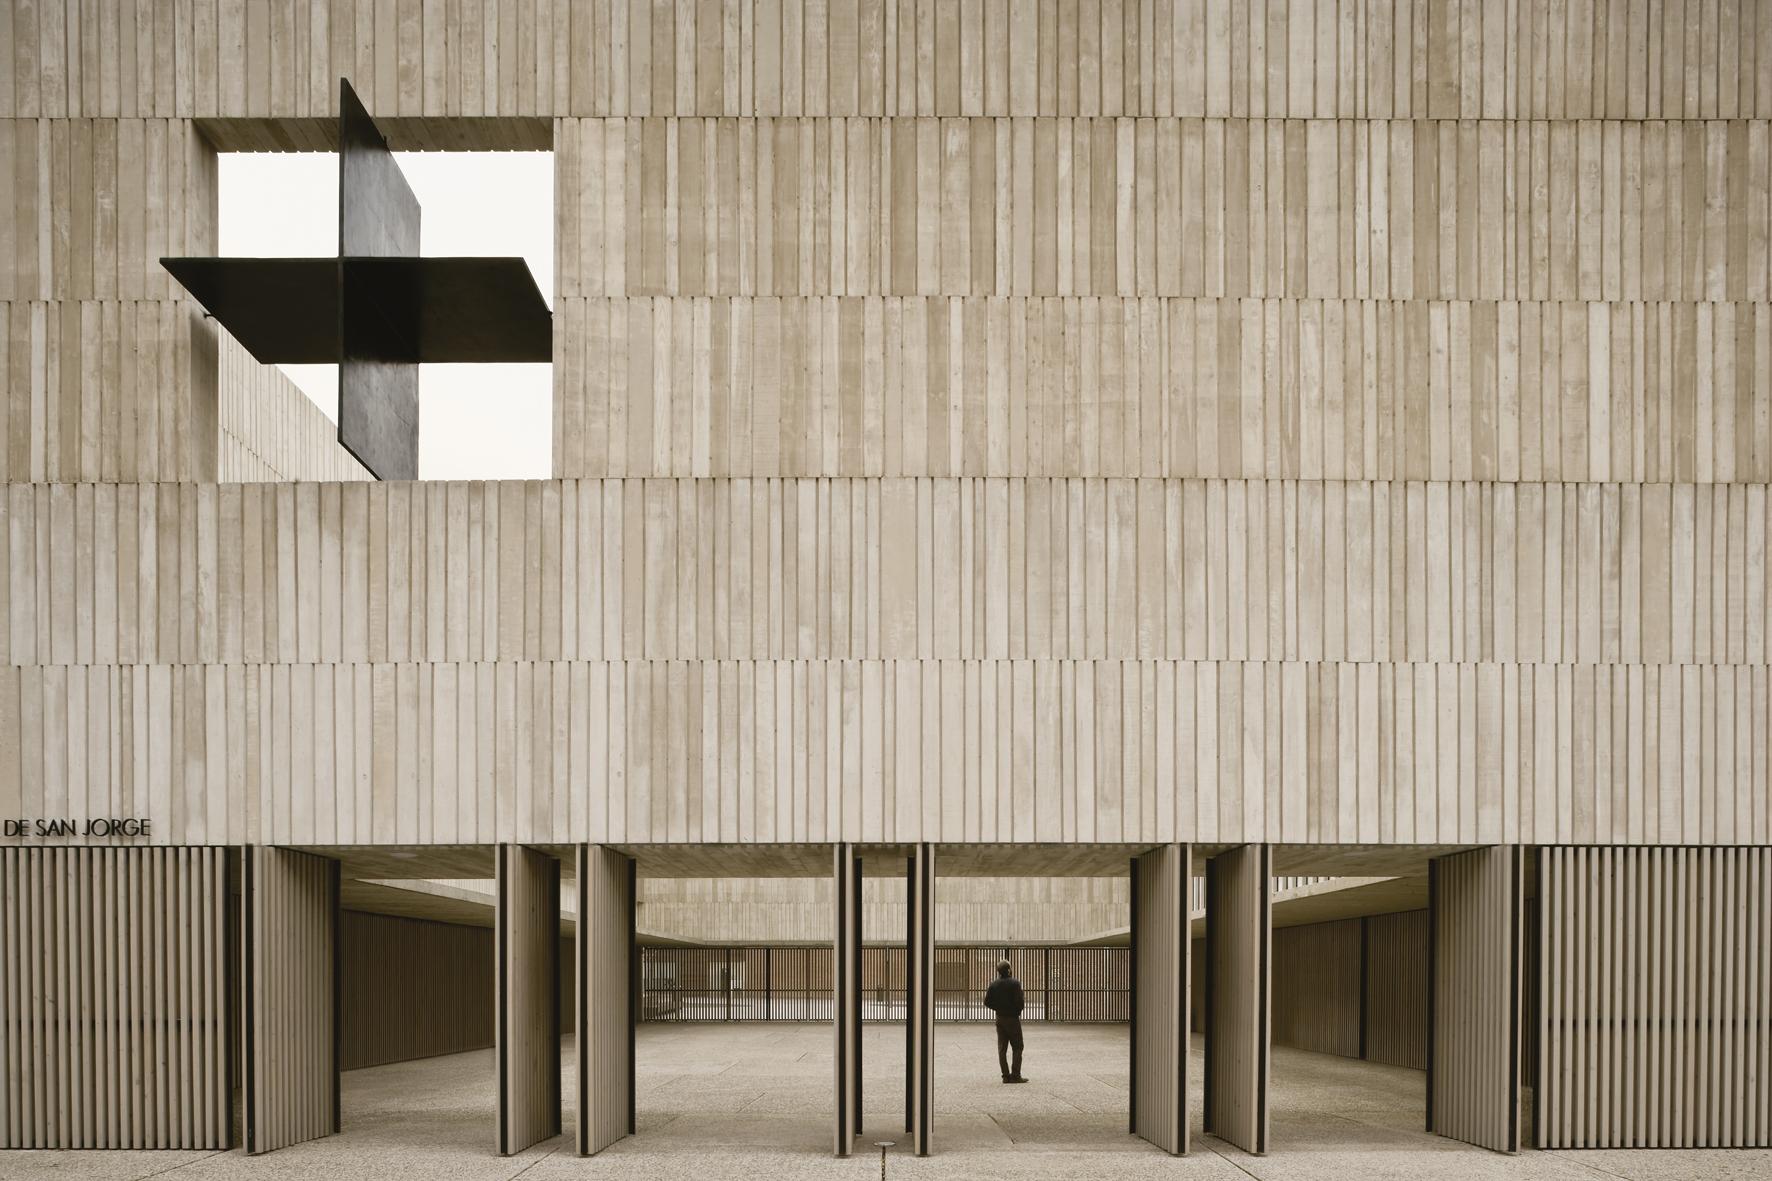 Parroquia de San Jorge  en  Pamplona , sede elegida por el artista para desarrollar el proyecto  Amén .